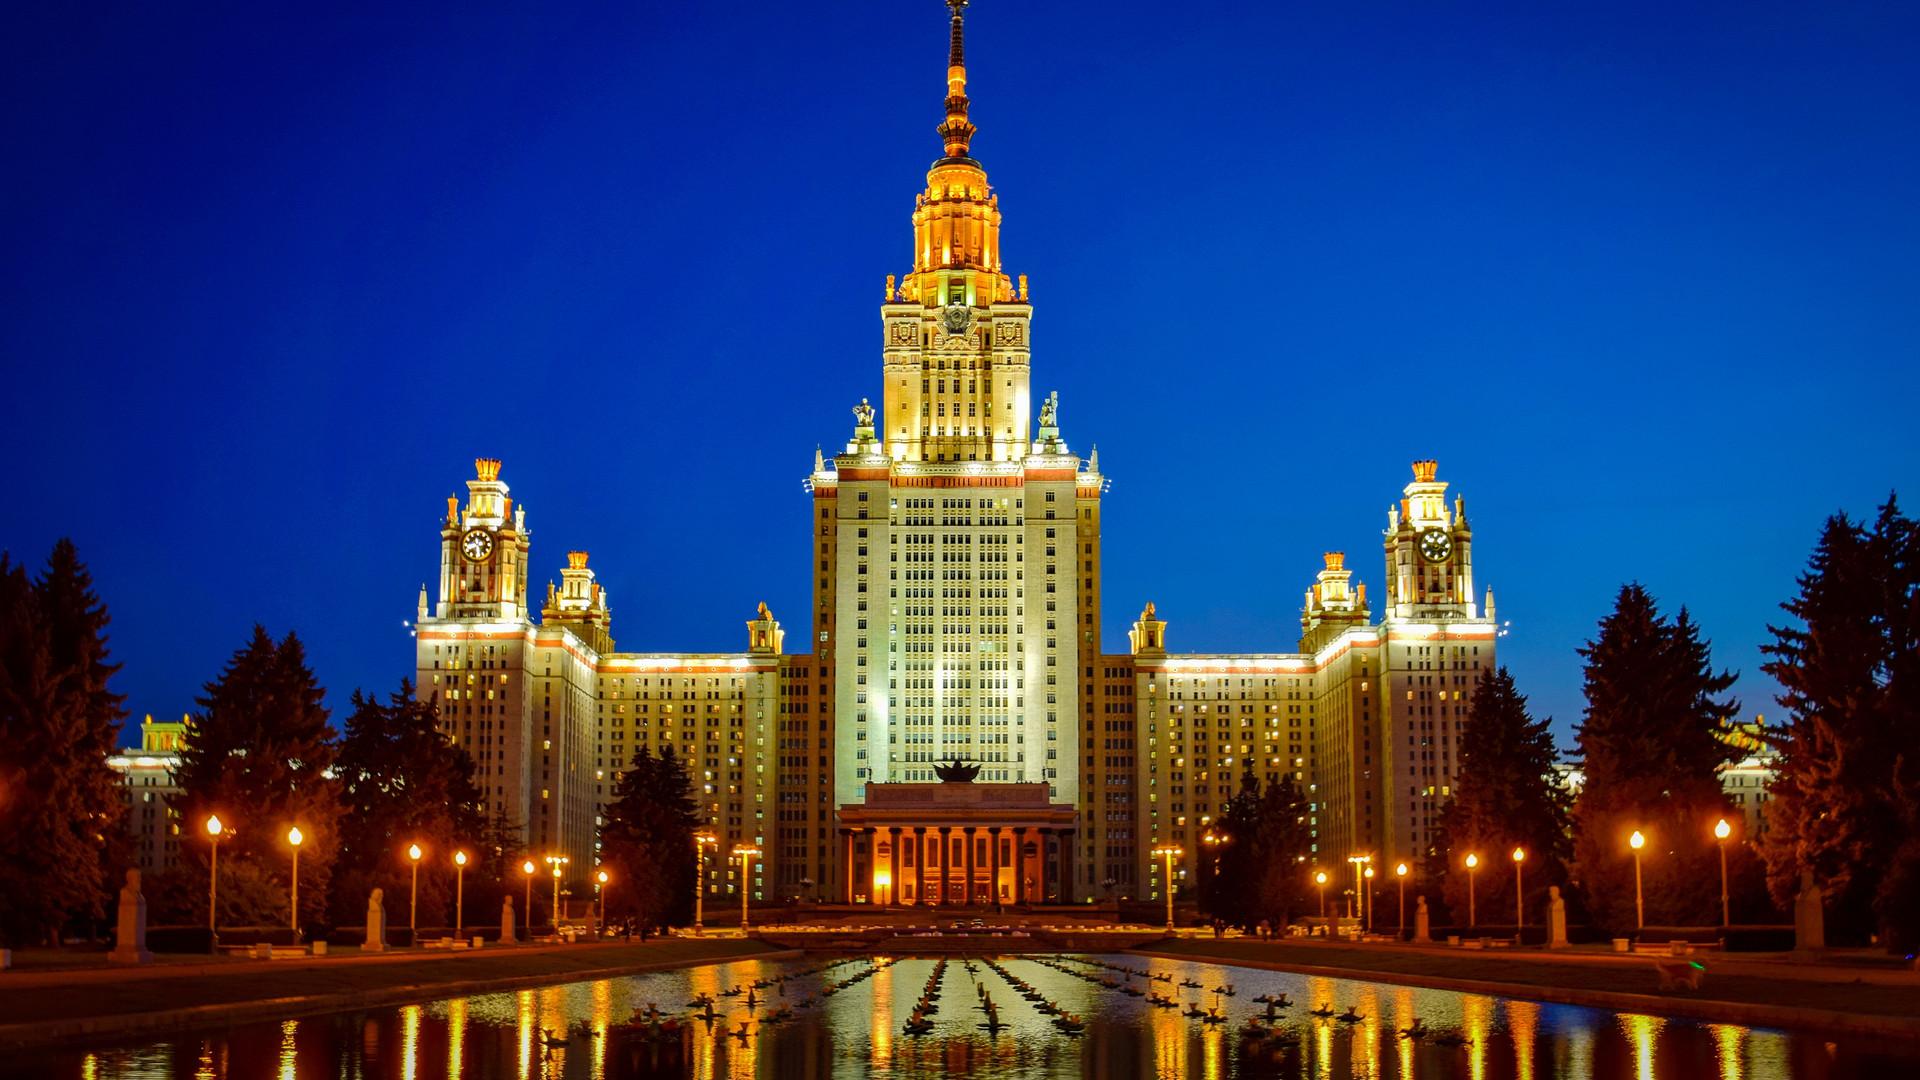 Московский государственный университет им. М.В. Ломоносова, Москва